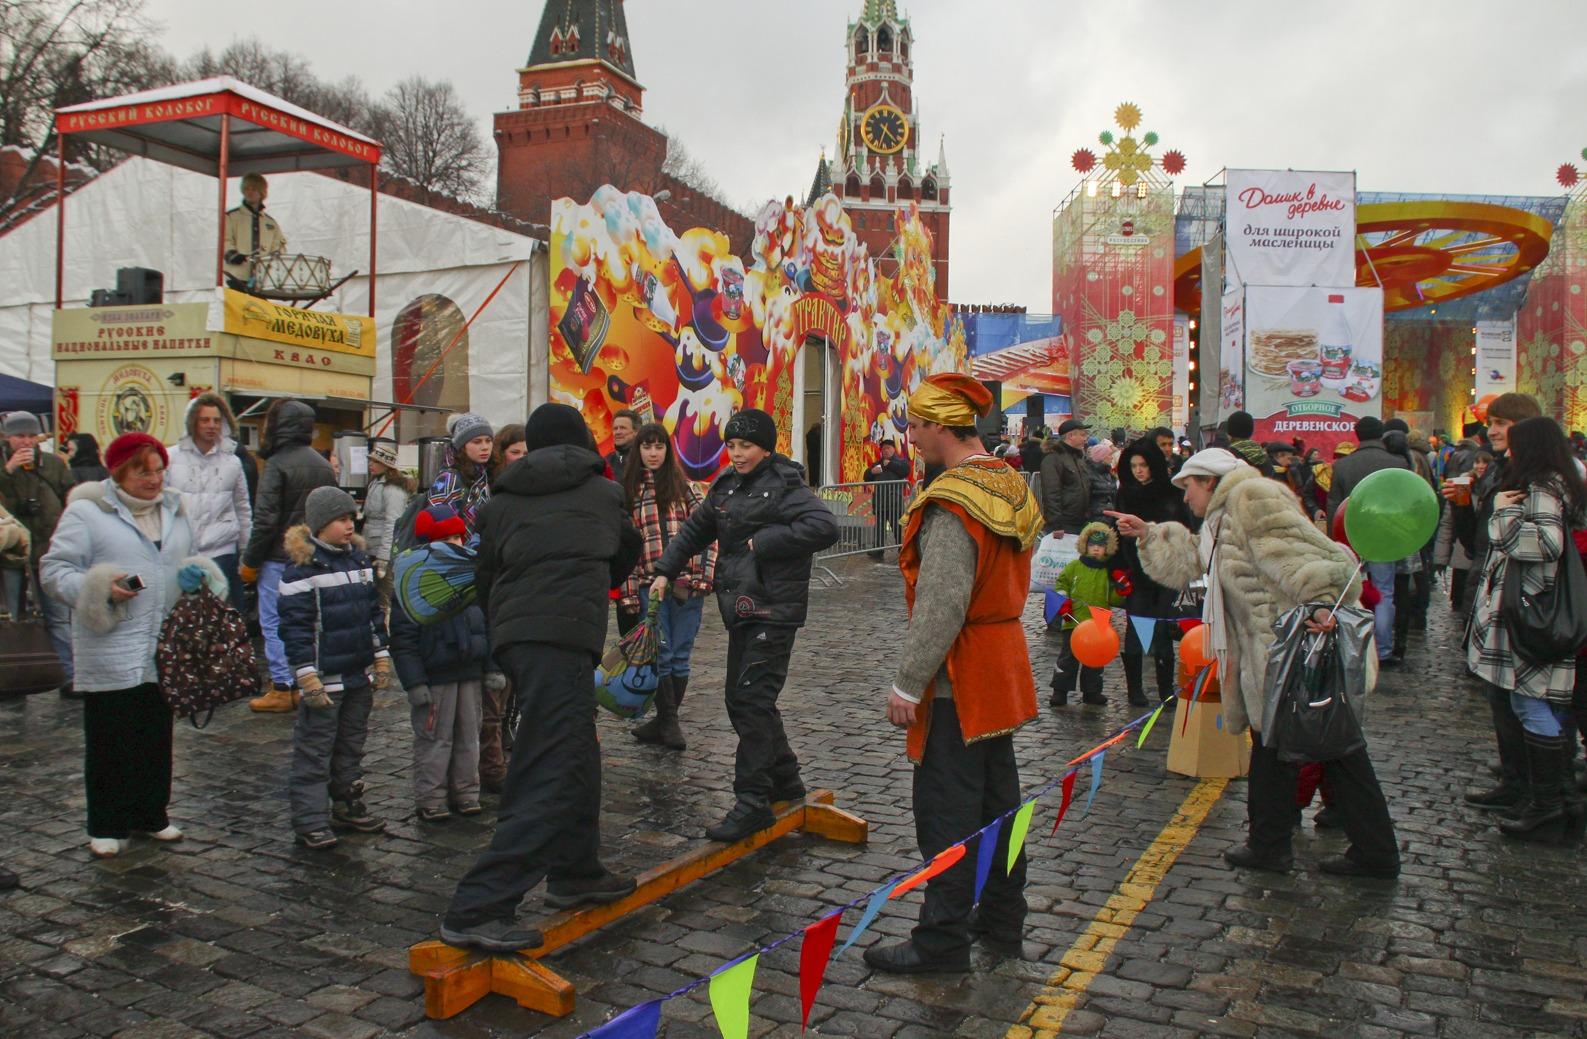 Аниматоры для детей Площадь Васильевский Спуск аниматоры на дом Брошевский переулок